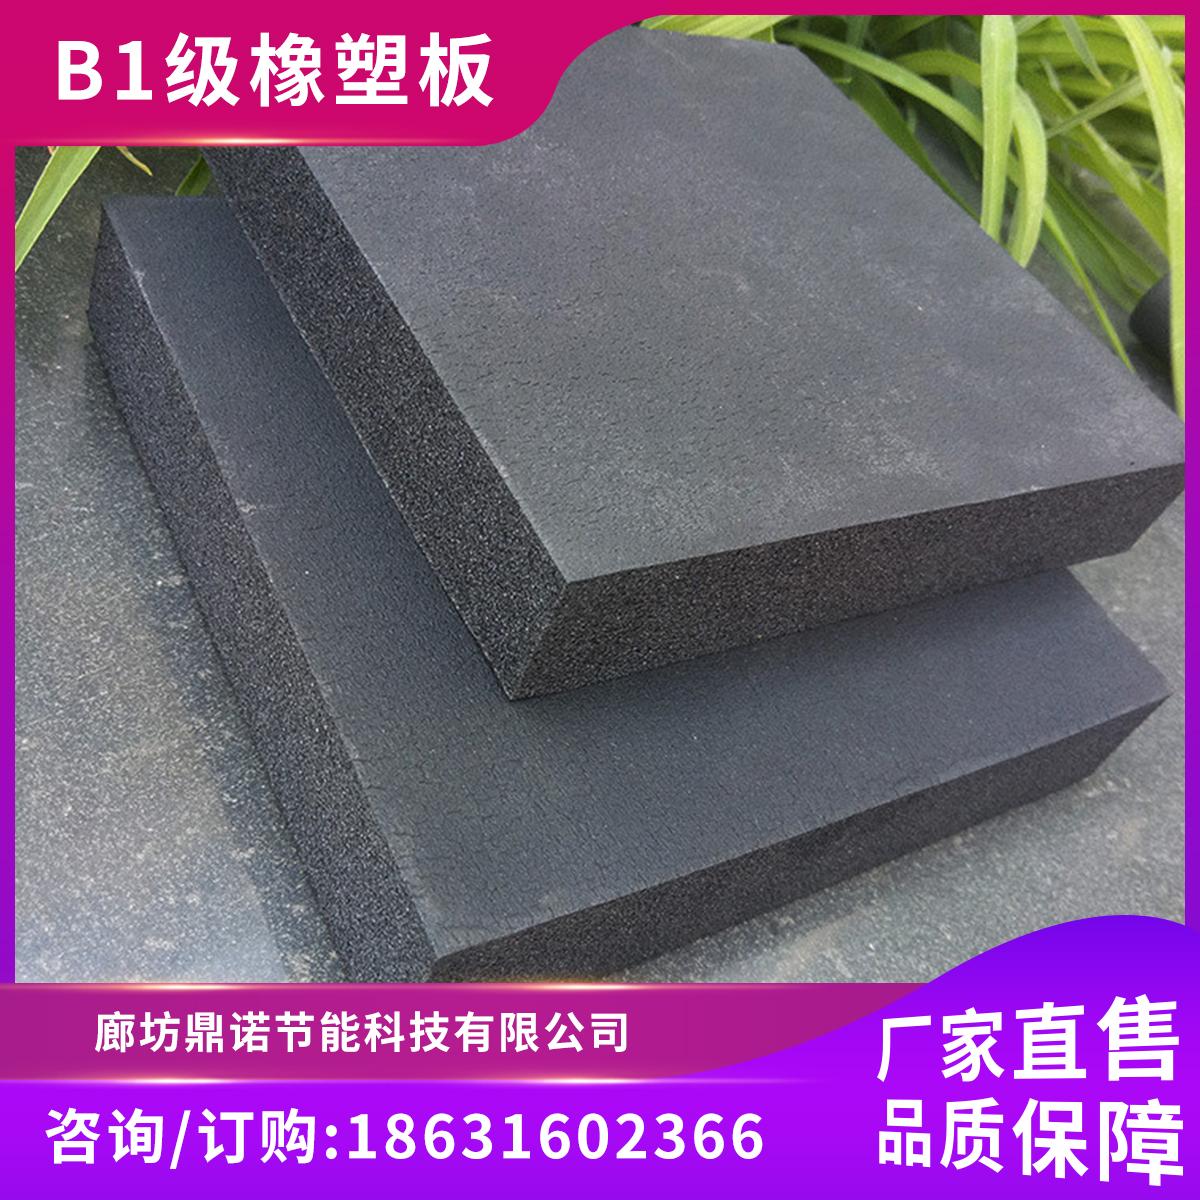 赢胜 方格铝橡塑板 保温板 B2级橡塑海绵板